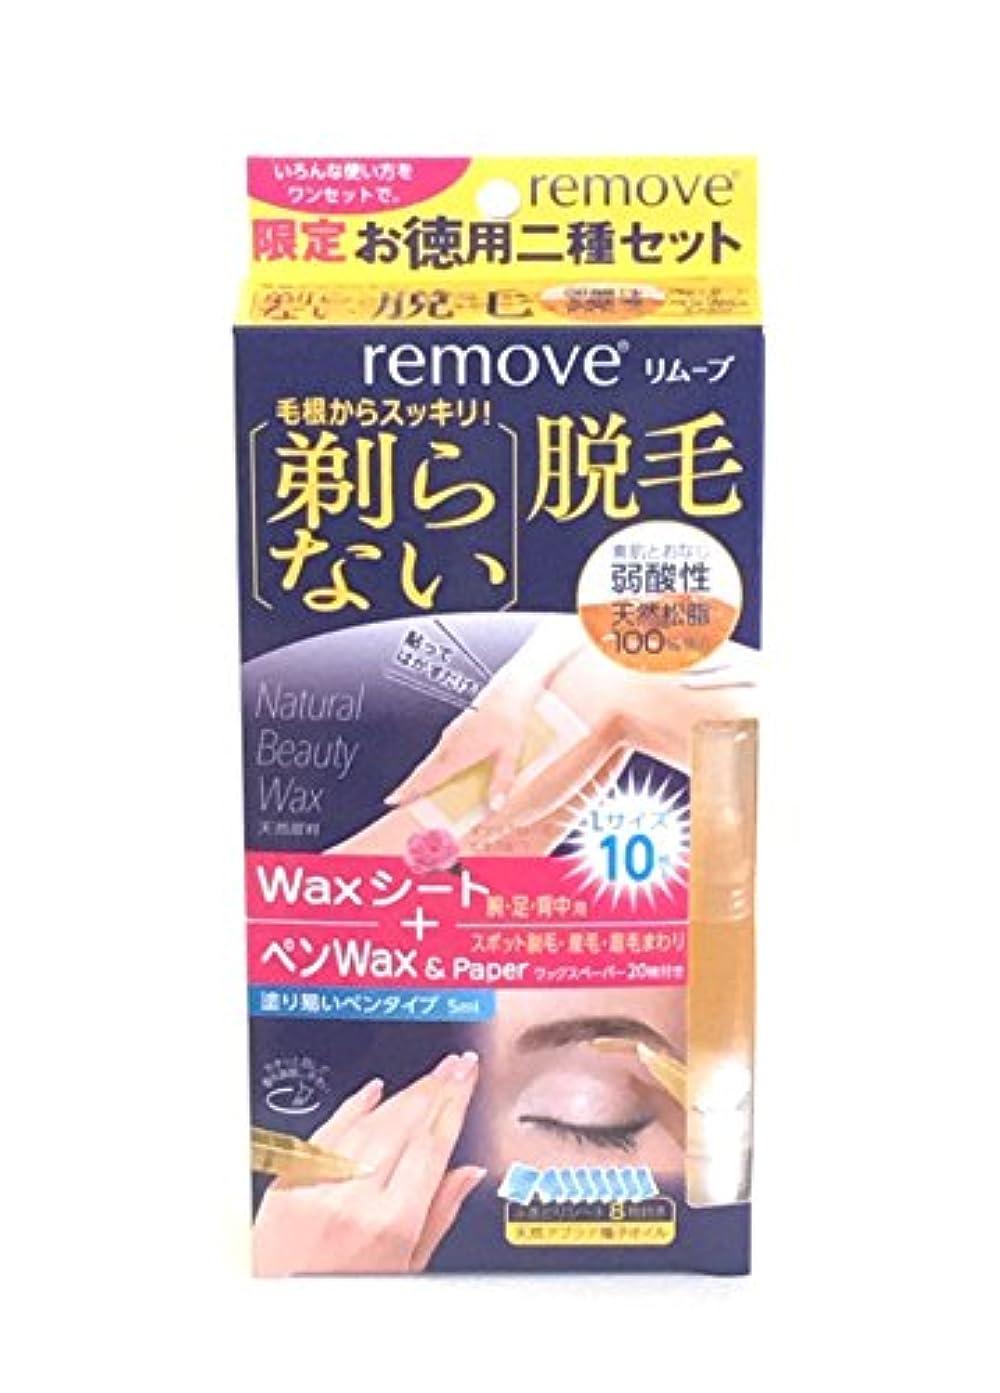 ポルティコ不適切な真空リムーブ 剃らない脱毛 二種ワックスセット (ペンワックス 5ml、ワックスシート 10枚)